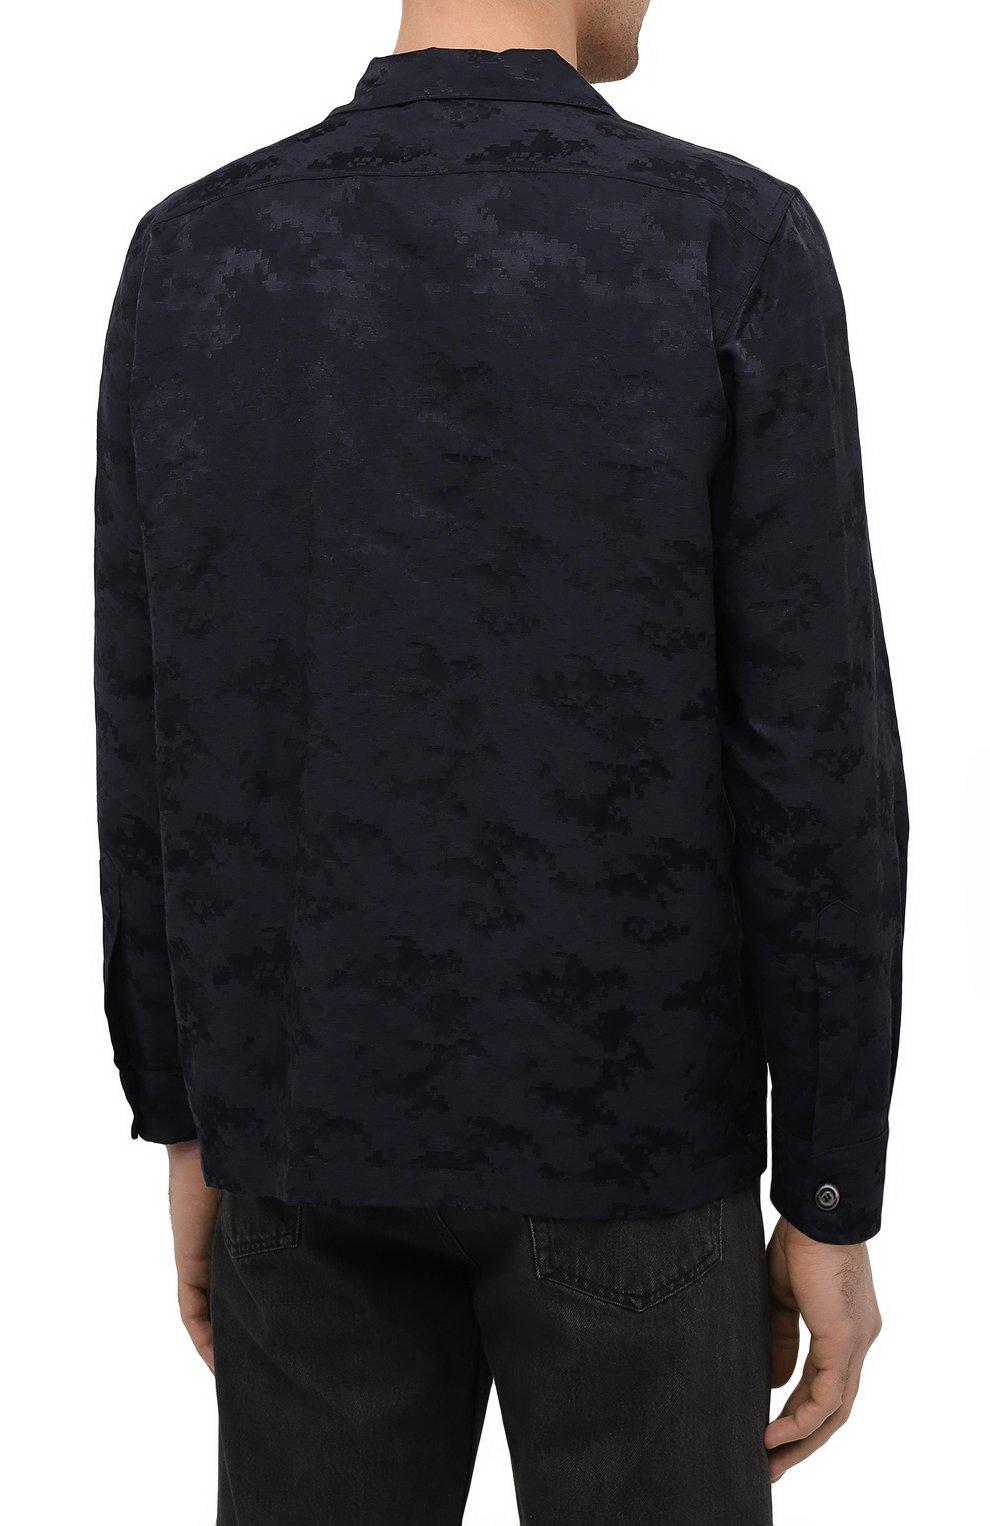 Мужская рубашка ASPESI темно-синего цвета, арт. S1 A CE53 G422 | Фото 4 (Манжеты: На пуговицах; Рукава: Длинные; Случай: Повседневный; Материал внешний: Синтетический материал, Хлопок; Длина (для топов): Стандартные; Принт: С принтом; Воротник: Отложной; Стили: Кэжуэл)